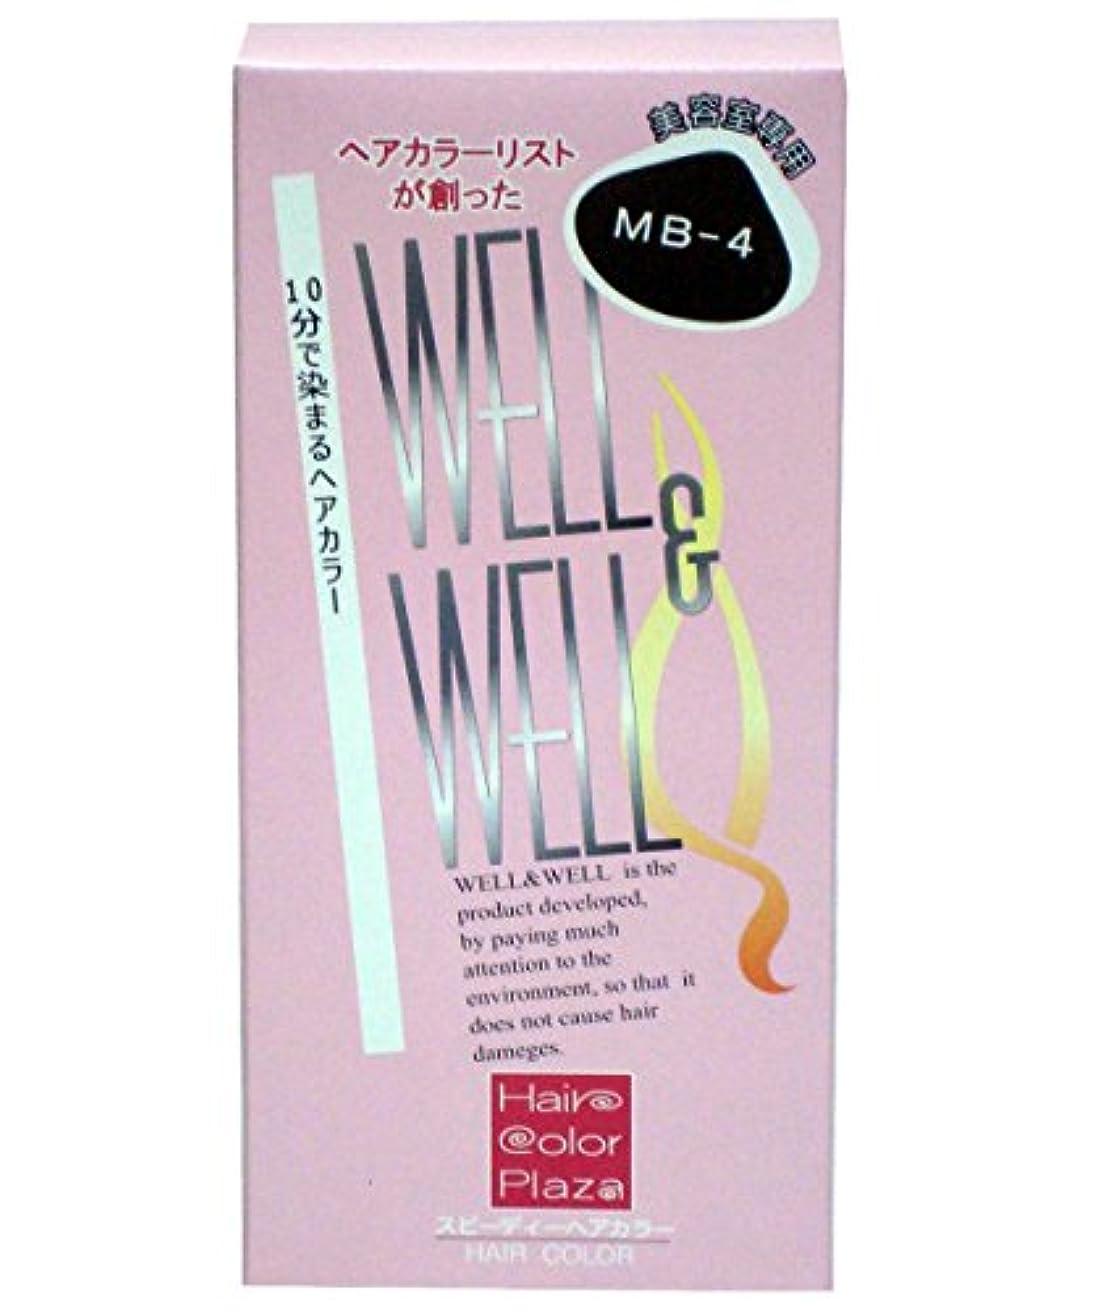 即席厳密に丘【美容室専用】 ウェル&ウェル スピーディヘアカラー マロンブラウン MB-4